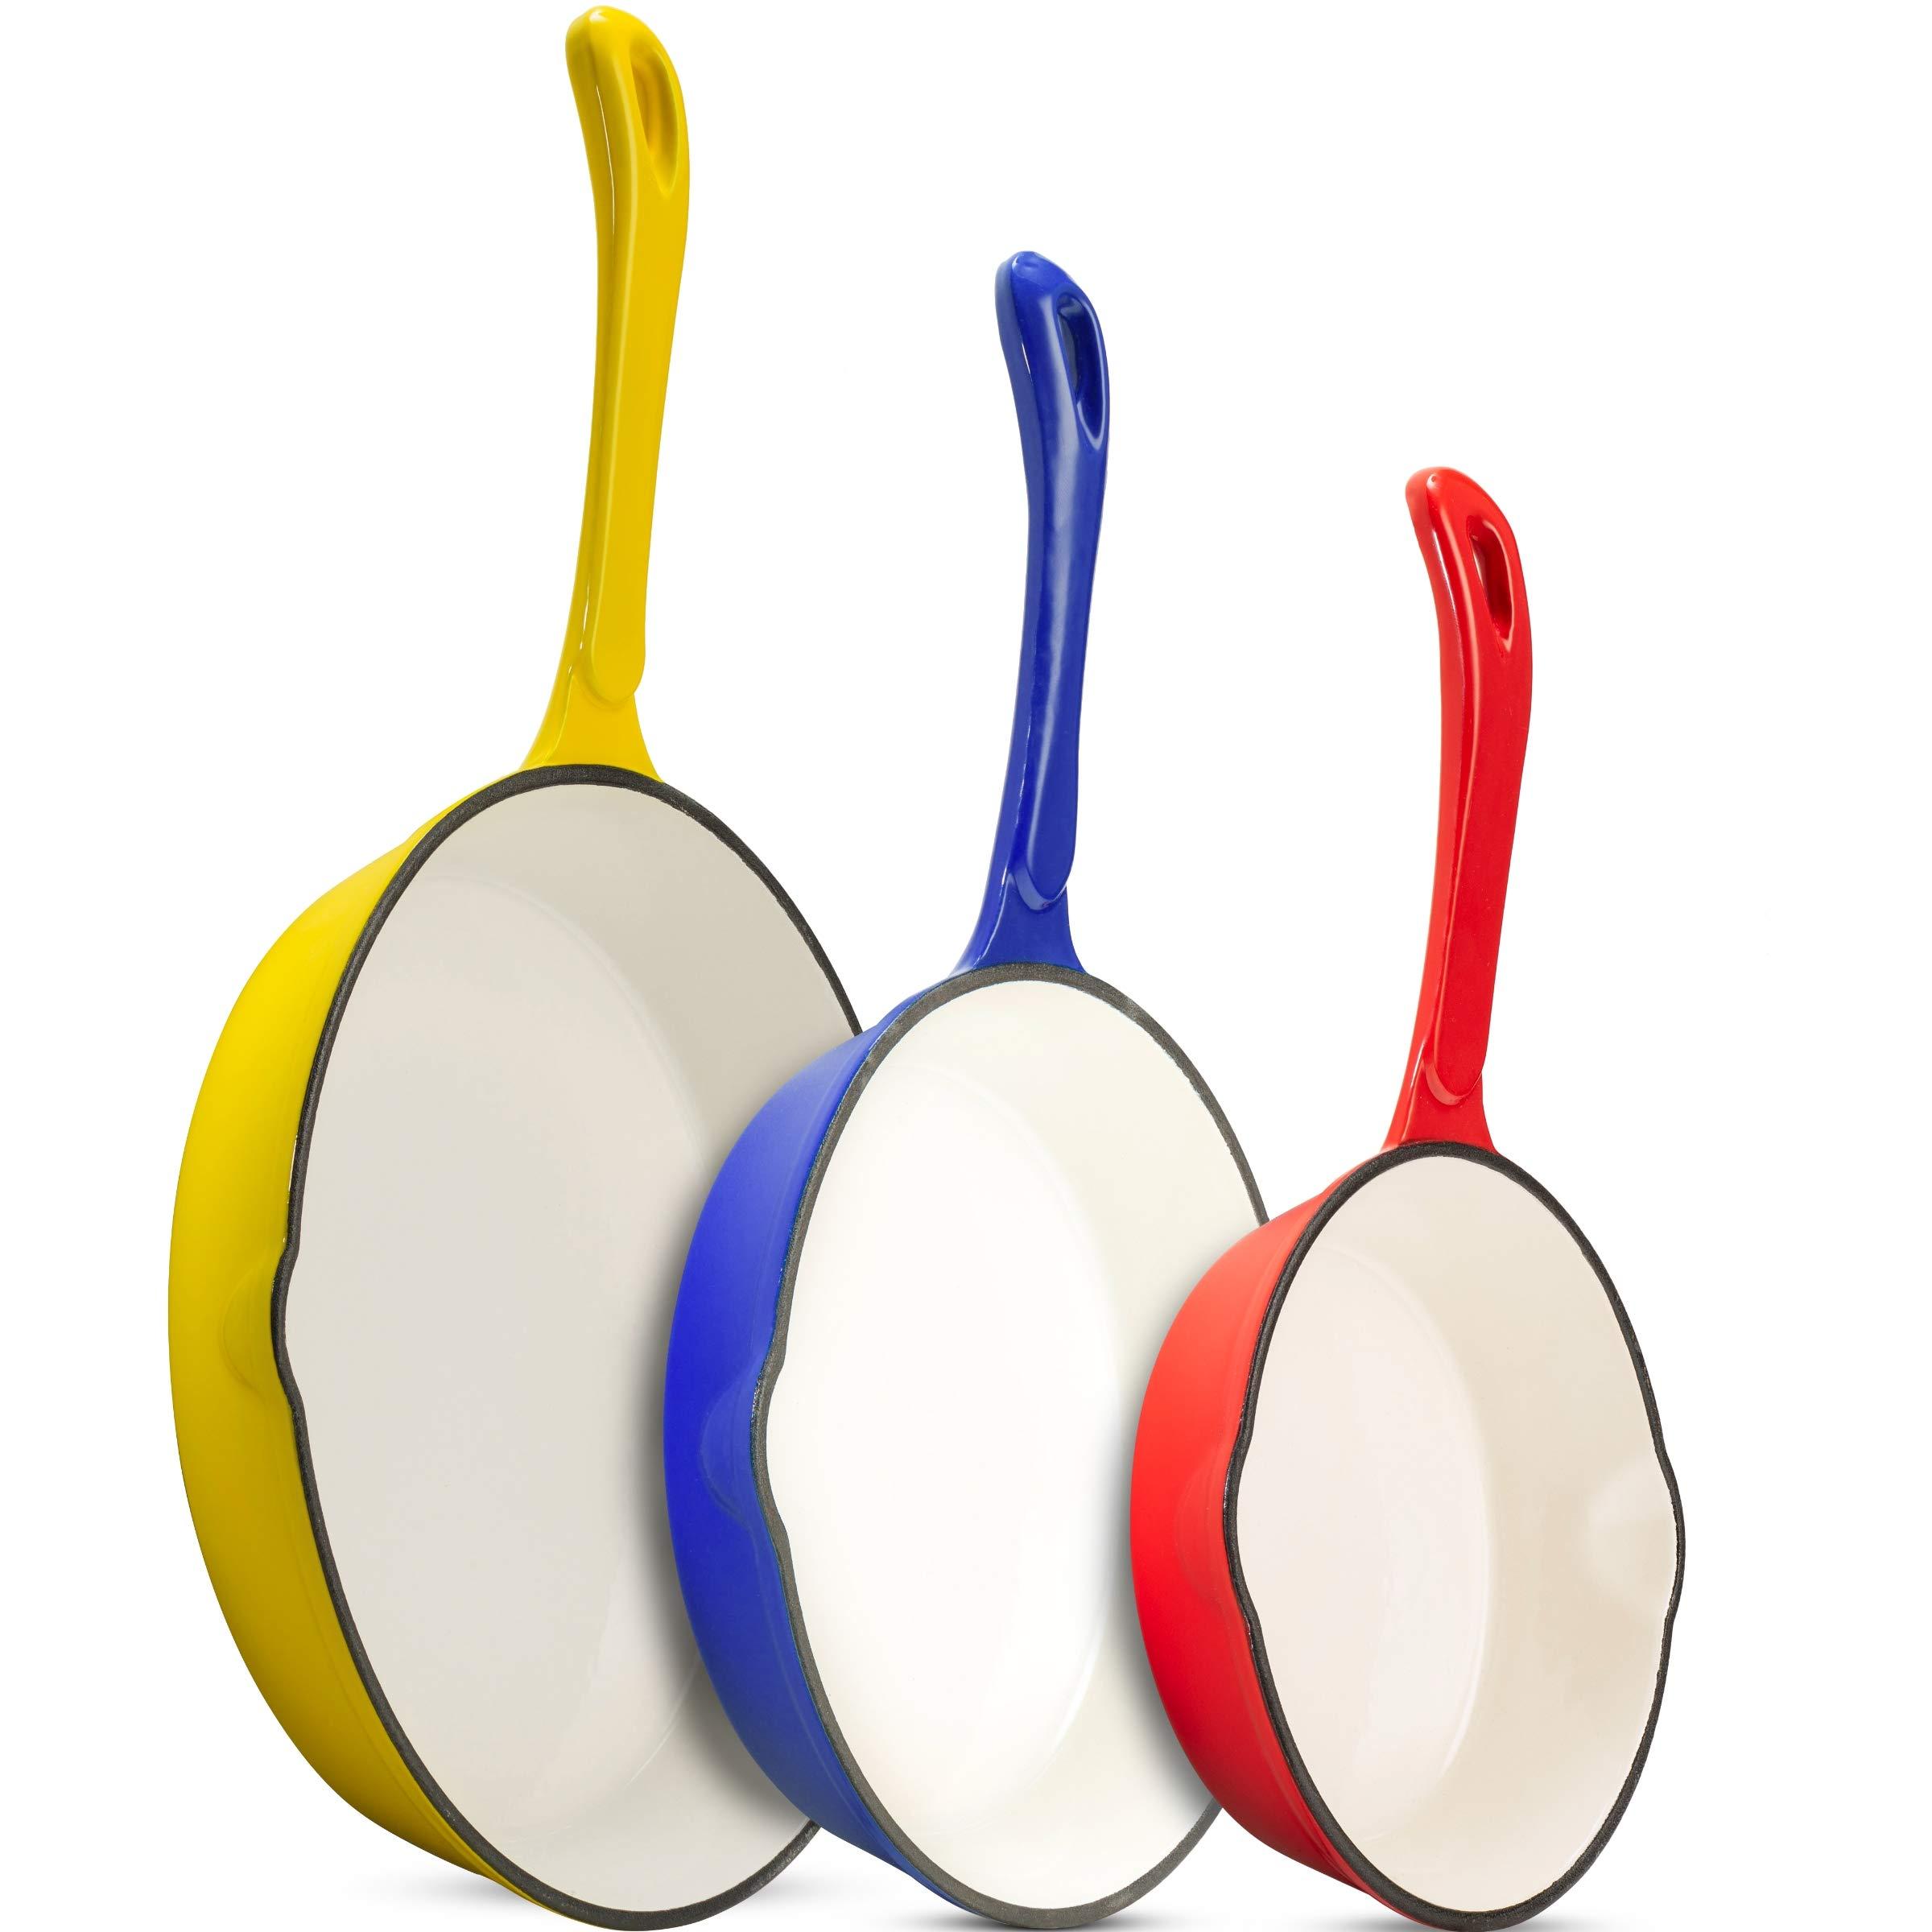 Klee Enameled Cast Iron Skillet - Nonstick Frying Pan Set - Ceramic Cookware Set - Enameled Cast Iron Frying Pan - Nonstick Skillets - Ceramic Skillet Set of 3 - 7'' Skillet, 8.5'' Skillet, 10'' Skillet